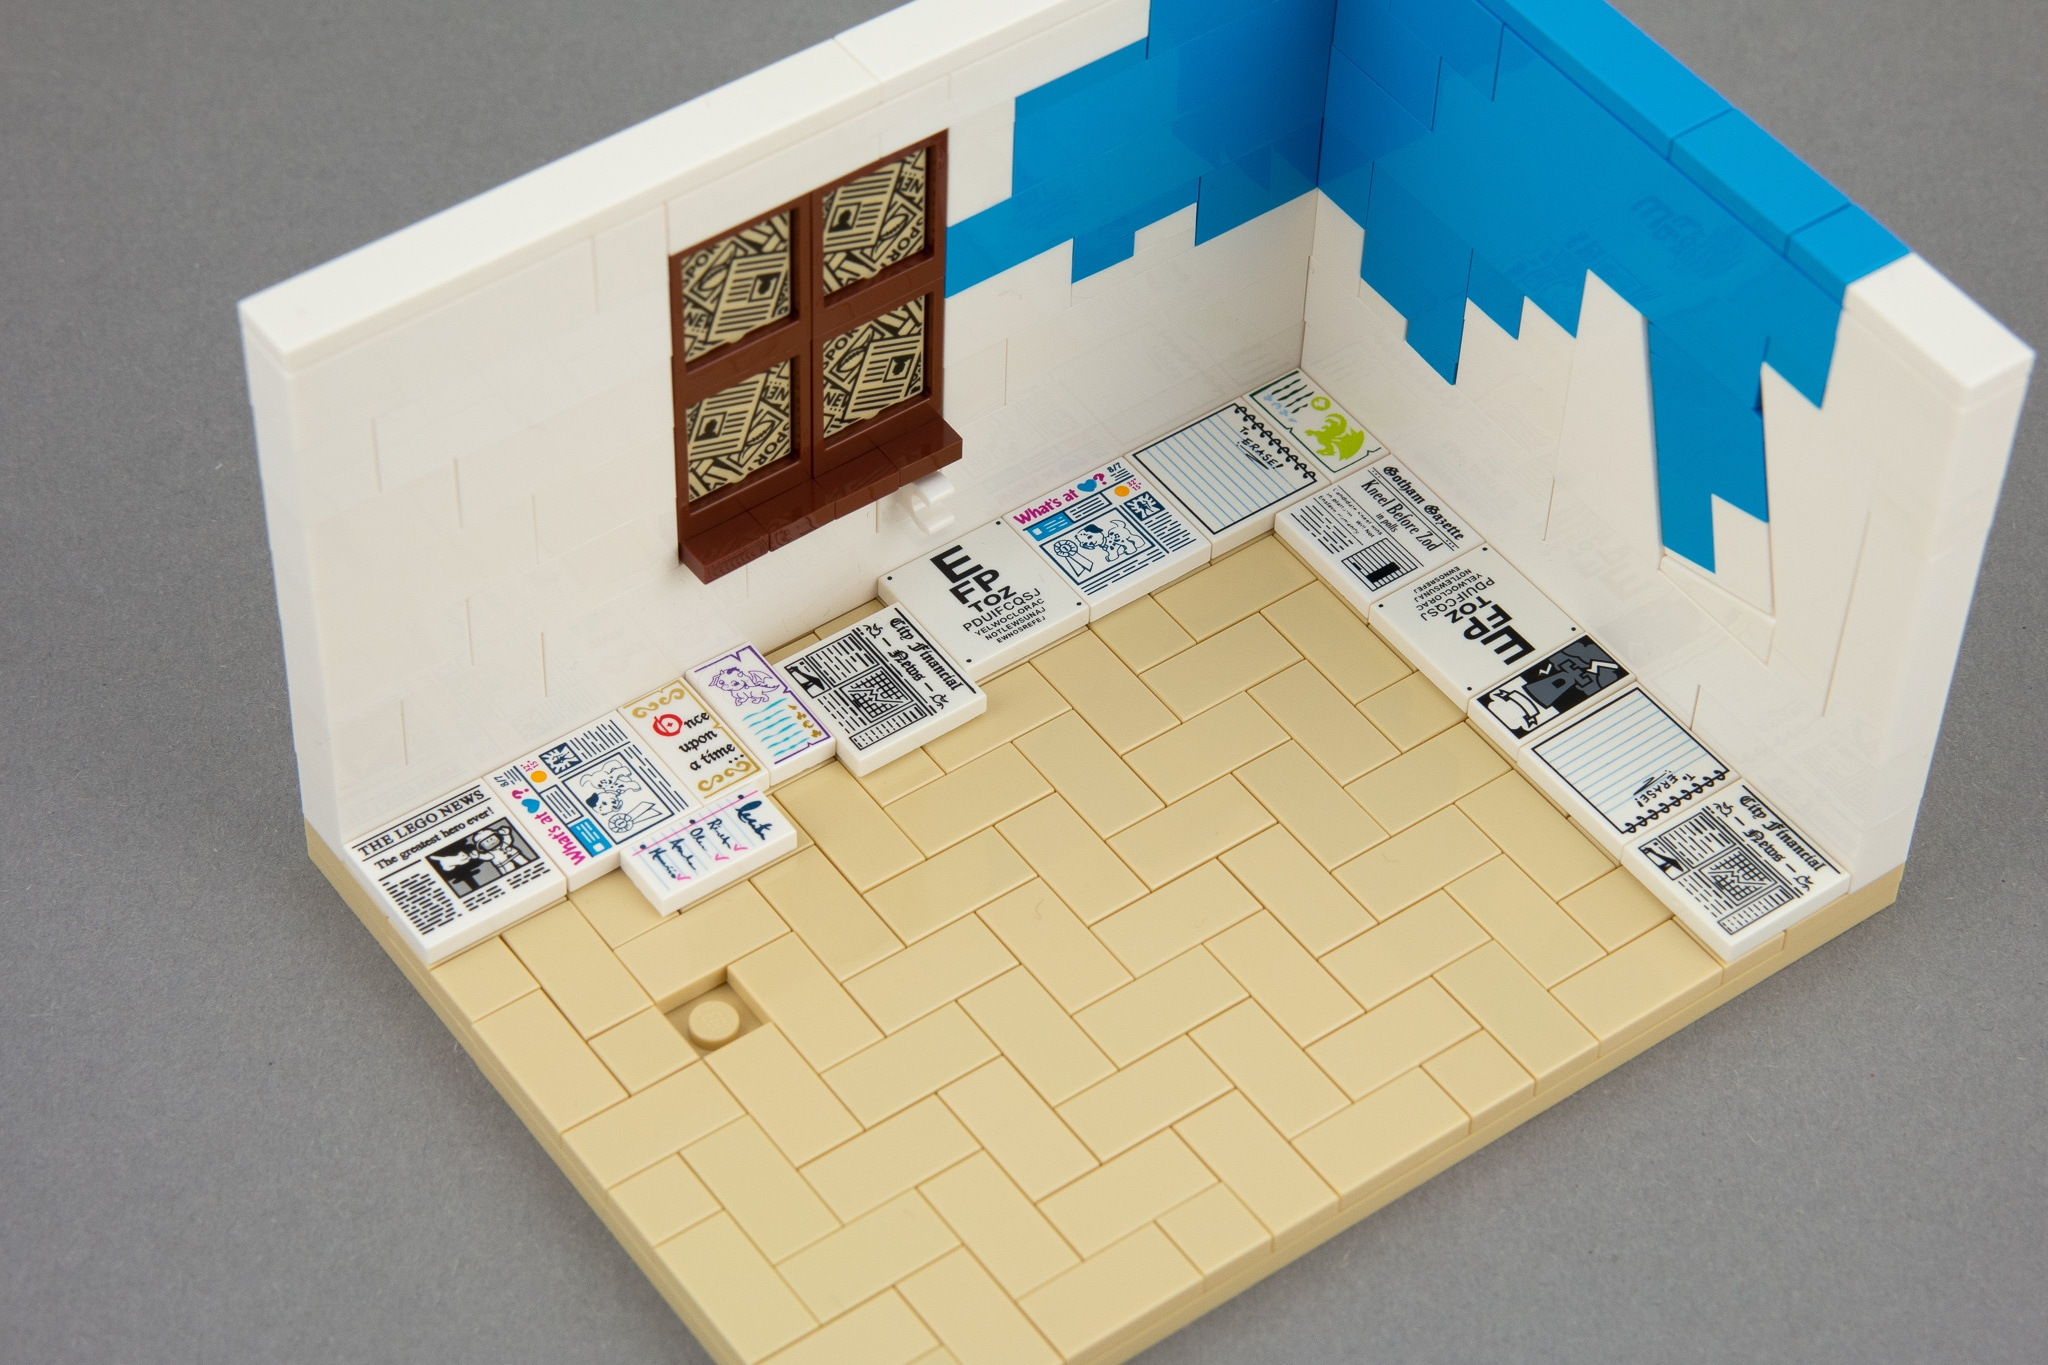 LEGO Renovierung Moc (26)